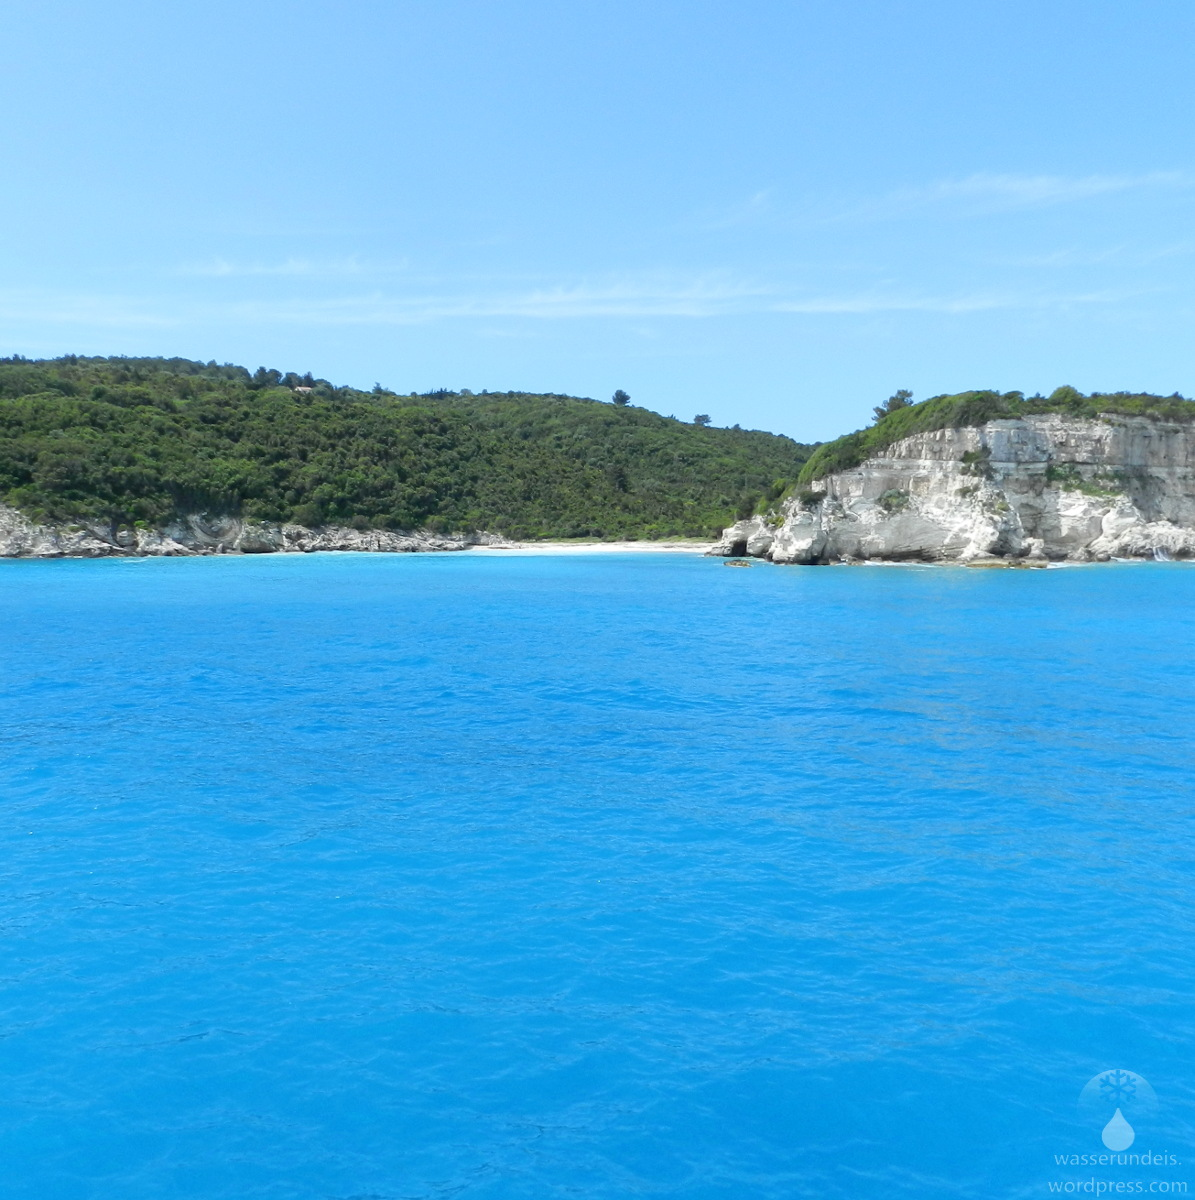 Das Türkisblaue Wasser der Ionischen Meeres vor der Insel Antipaxos.